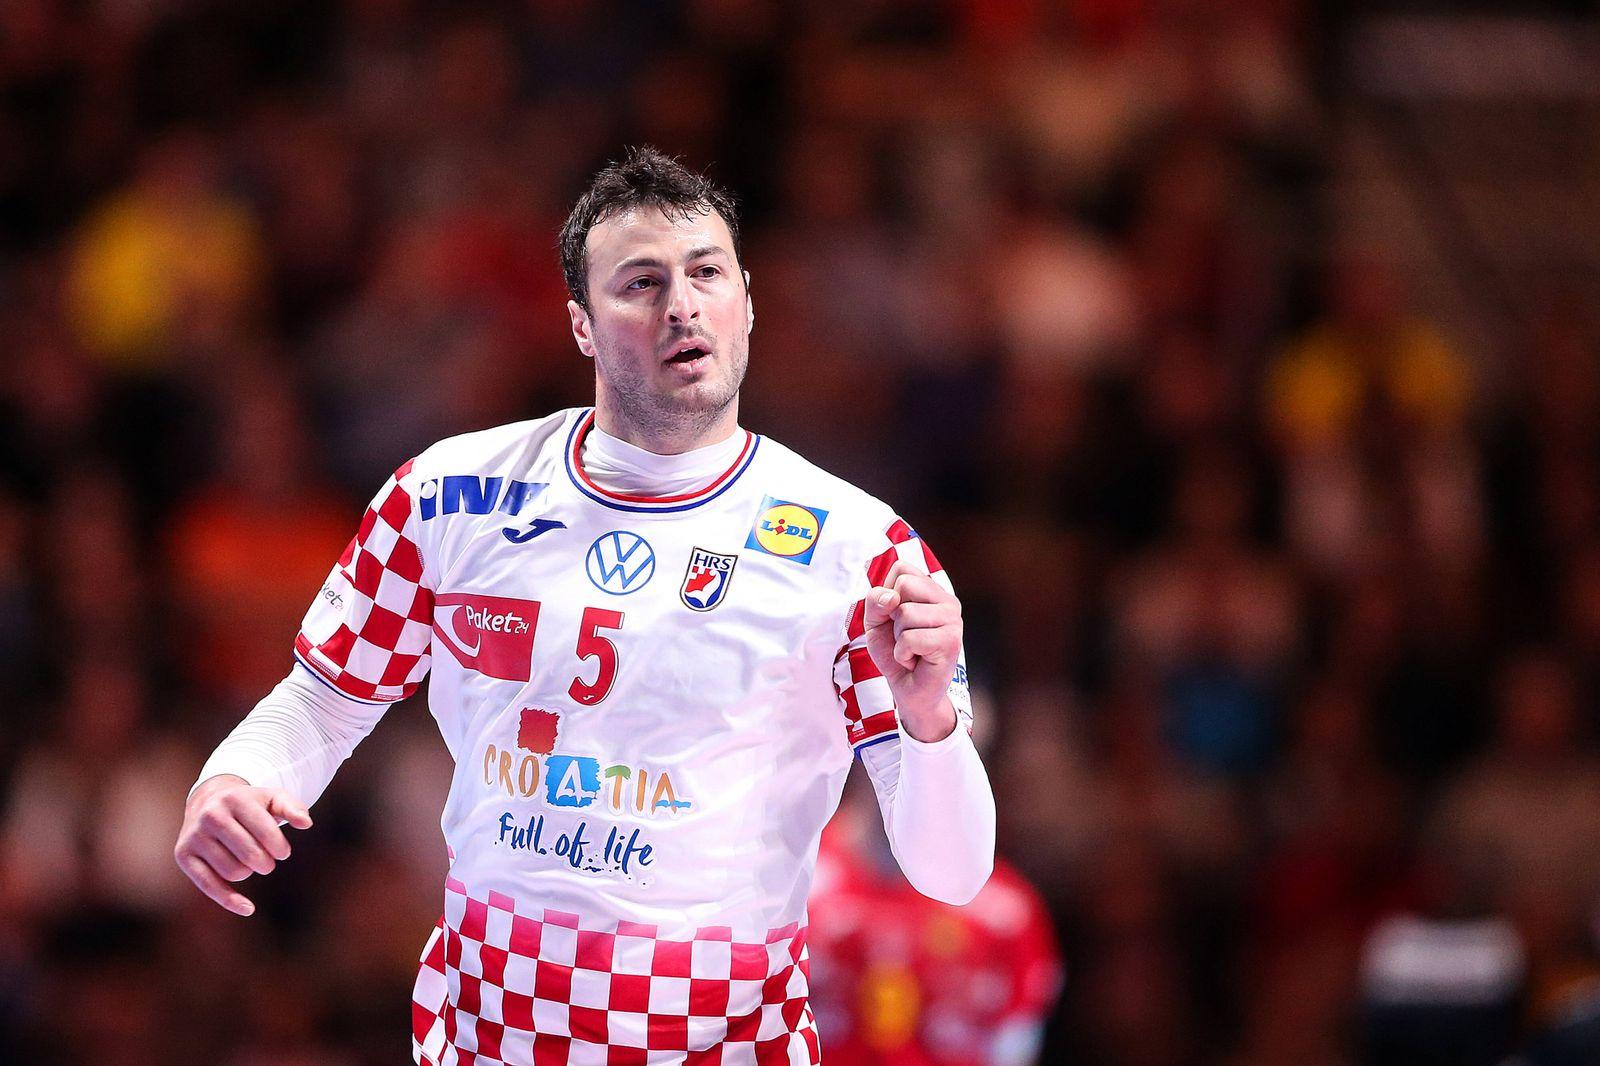 Spain v Croatia - Final - Men s EHF EURO 2020 Domagoj Duvnjak of Croatia celebrate a point during the Men s EHF EURO 202